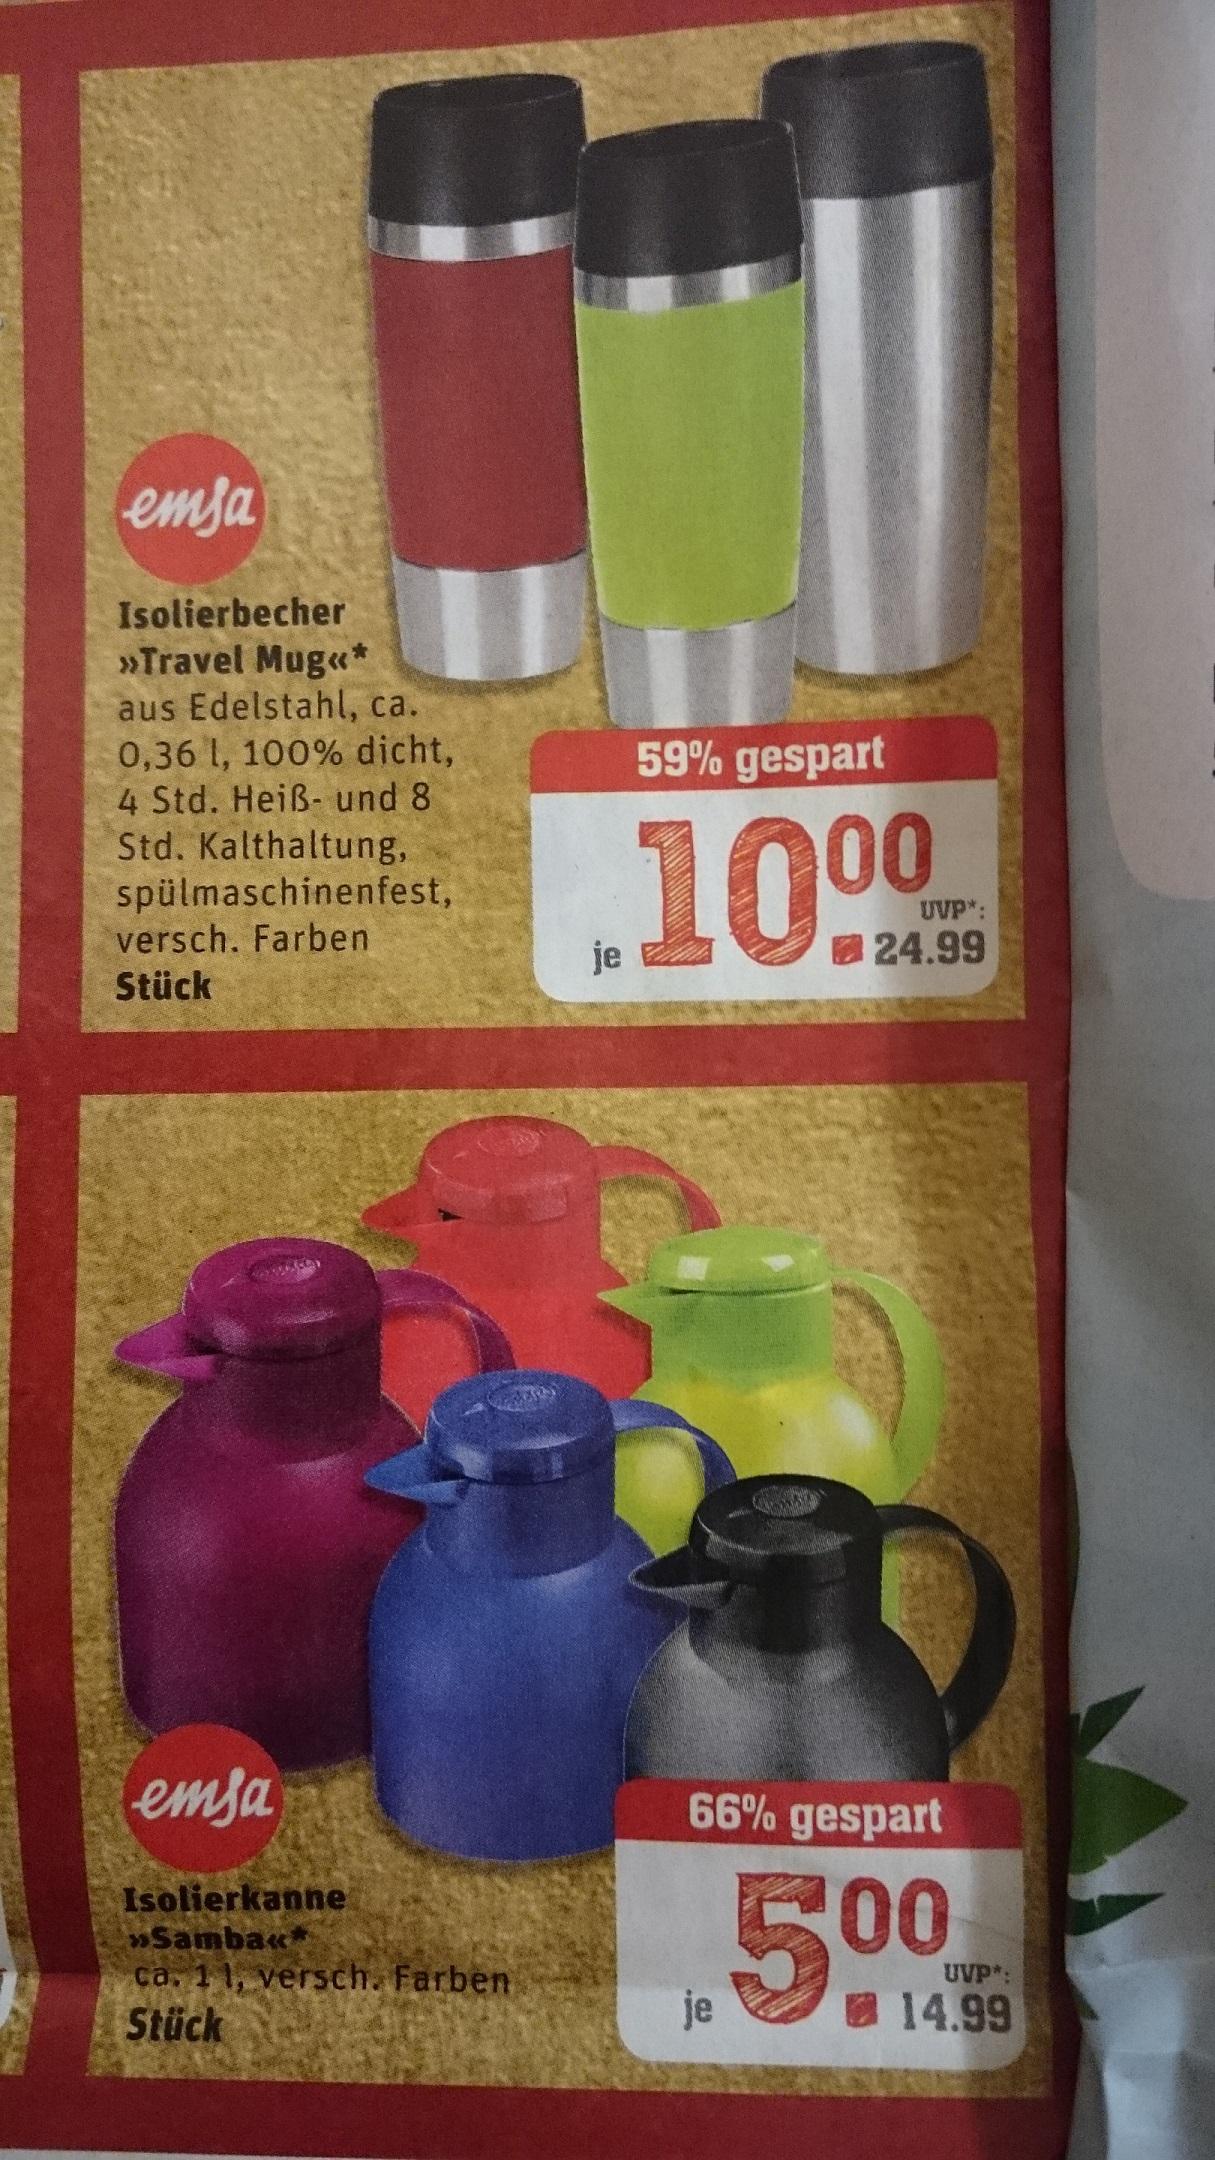 """Rewe-Center: Emsa """"Travel Mug"""" 0,36l und Emsa Samba 1l"""